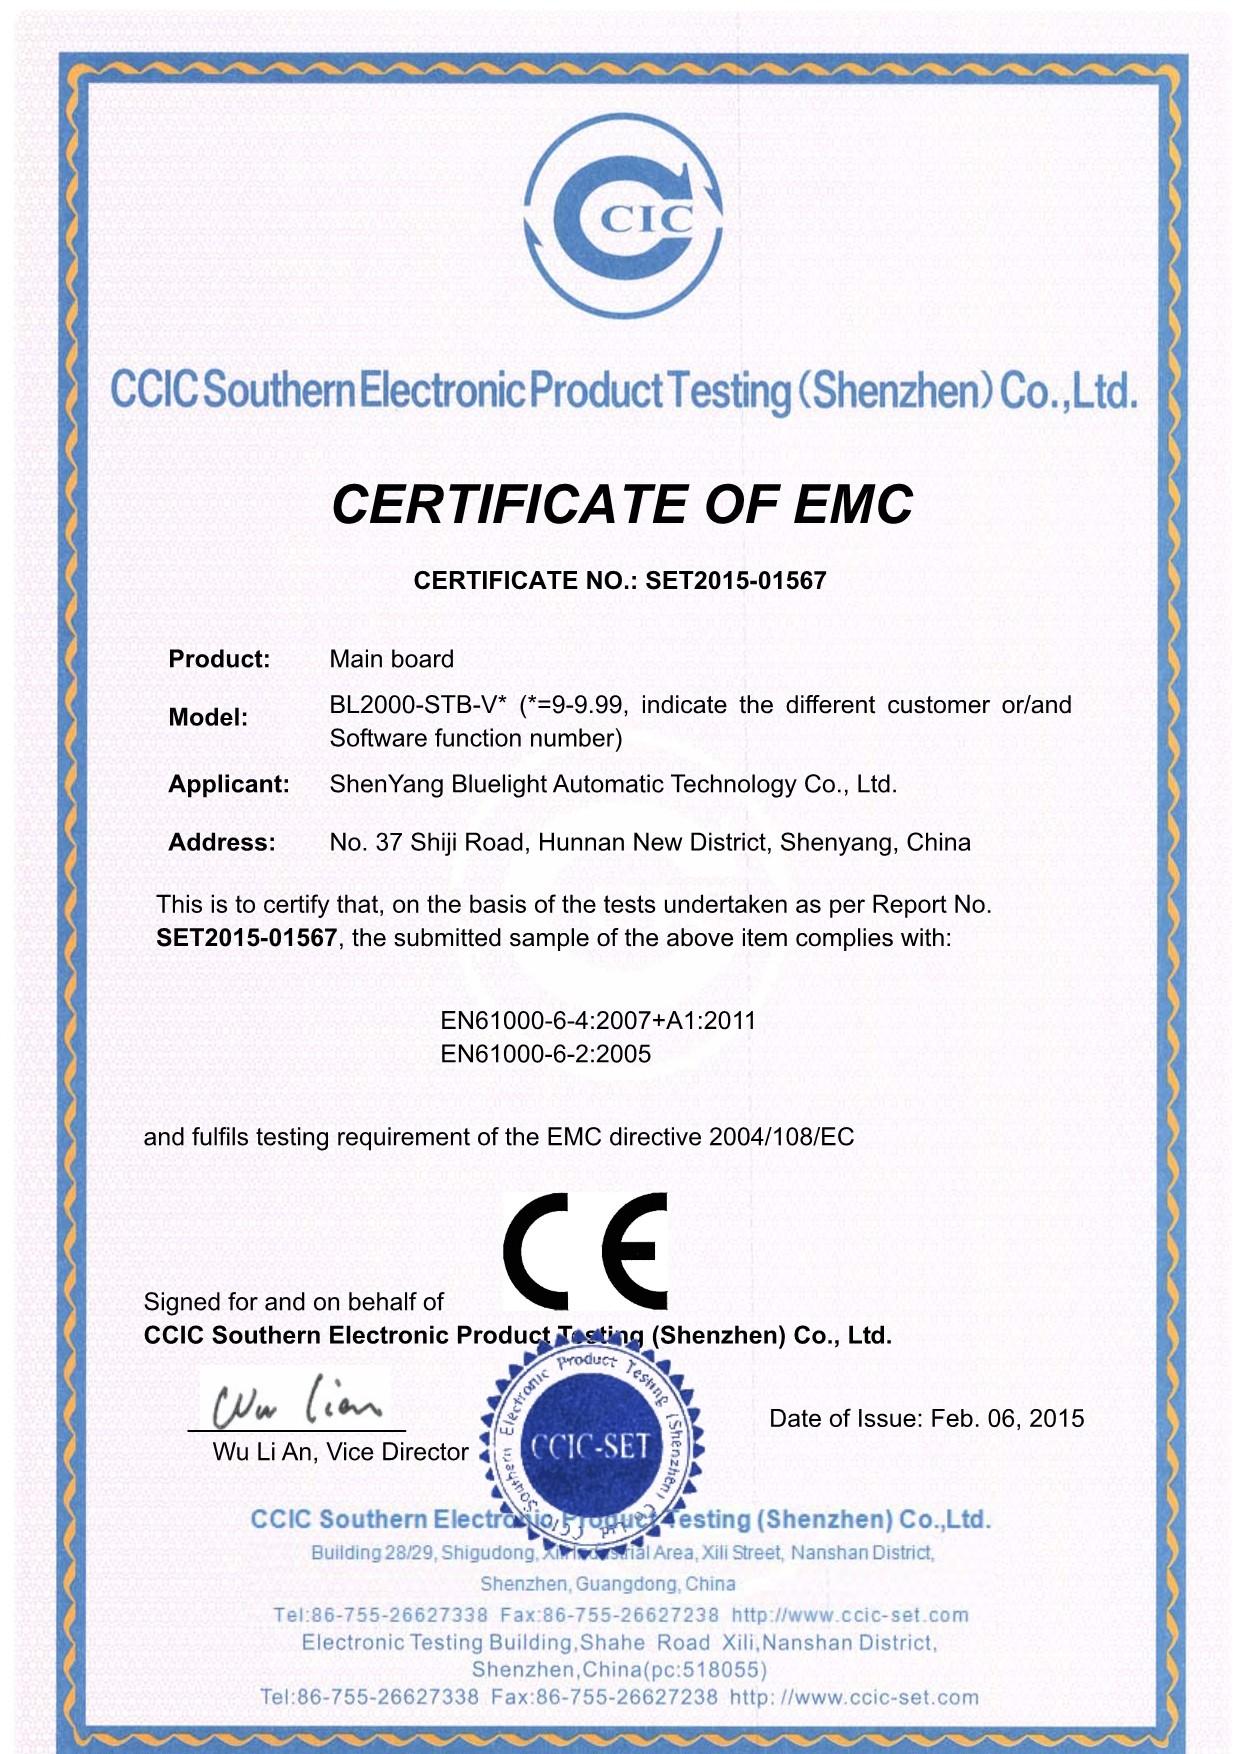 CE 메인 보드 인증서